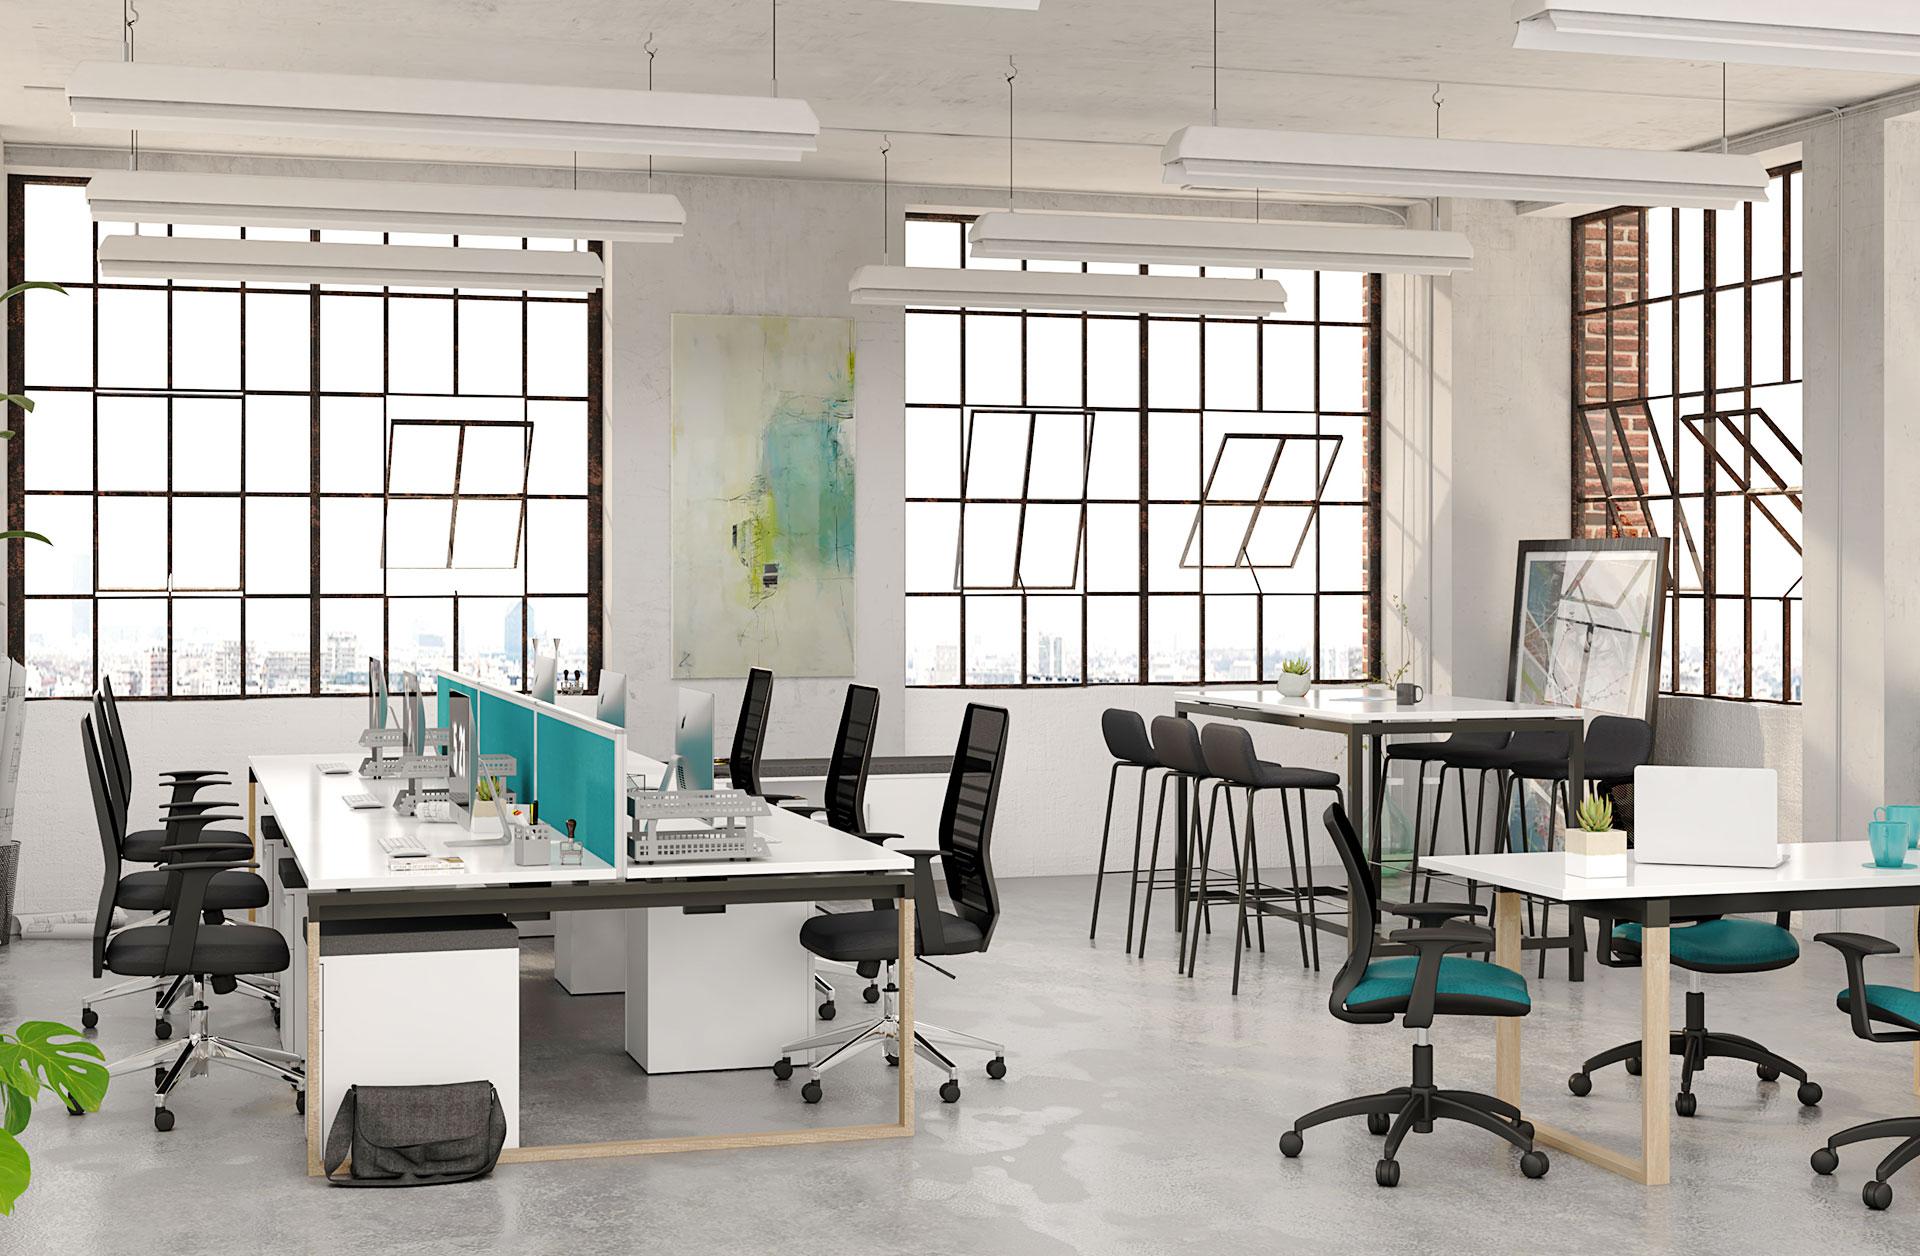 湖南浩安公装公司装修设计资讯知识衡阳办公室装修可以从哪些方面着手打造?